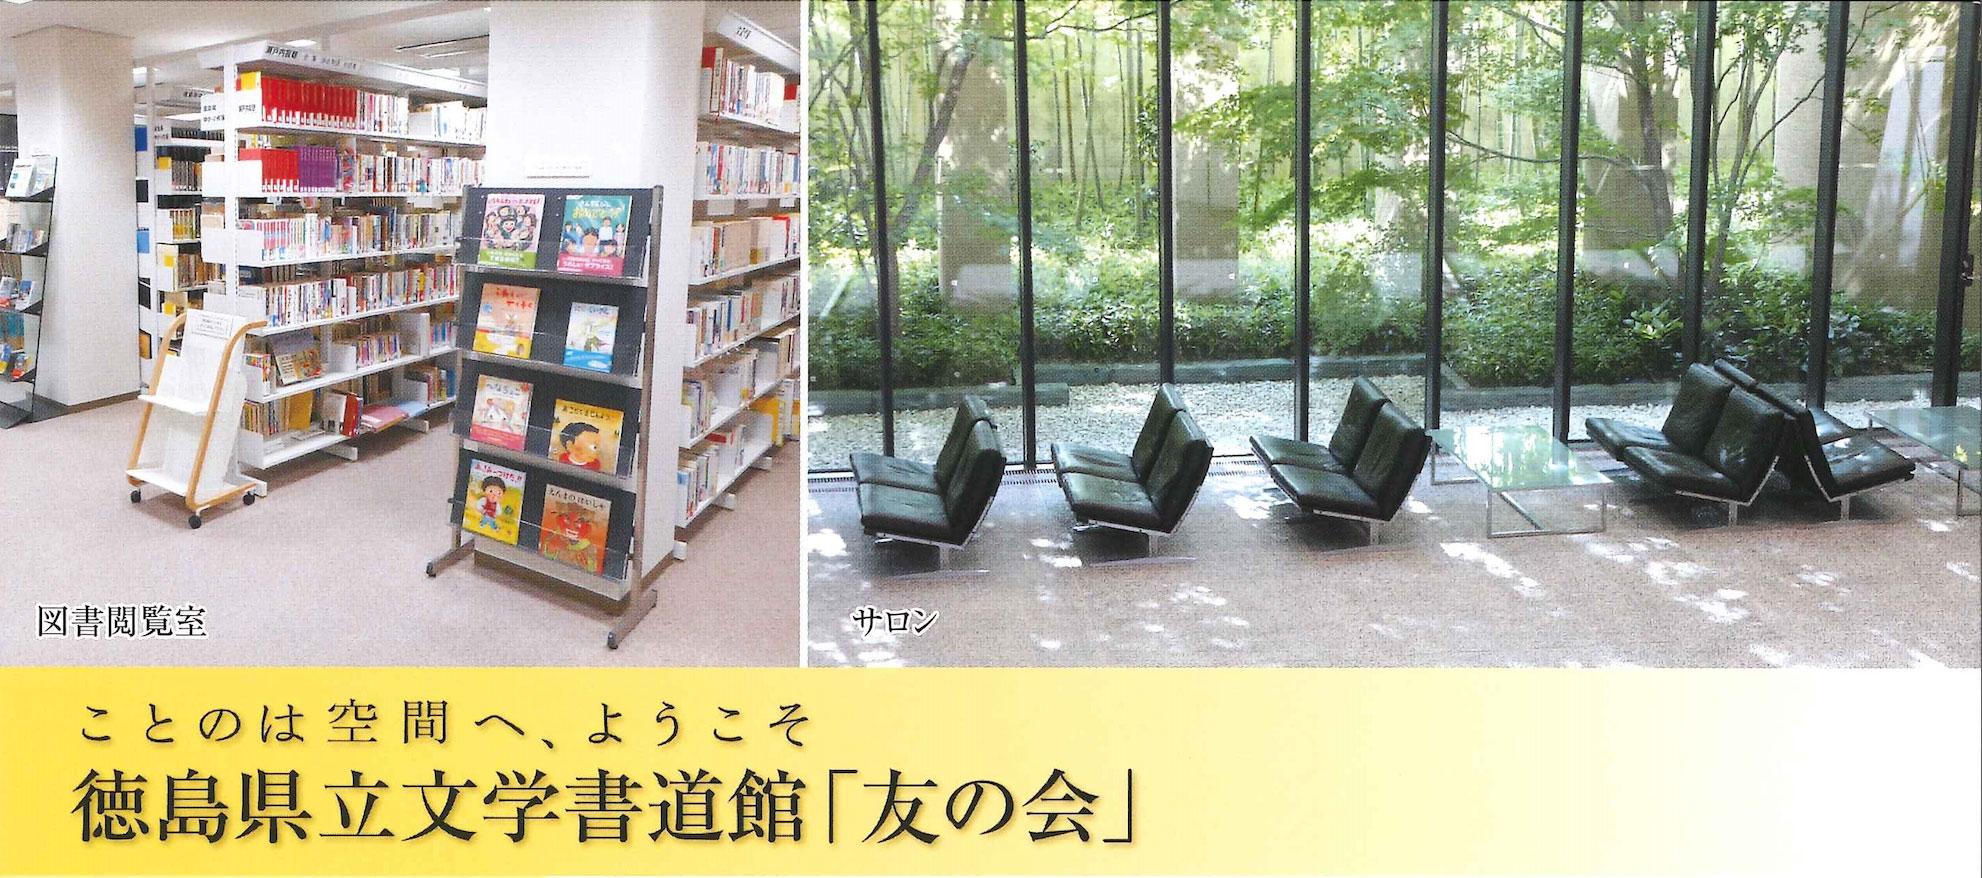 徳島県立 文学書道館 - 友の会